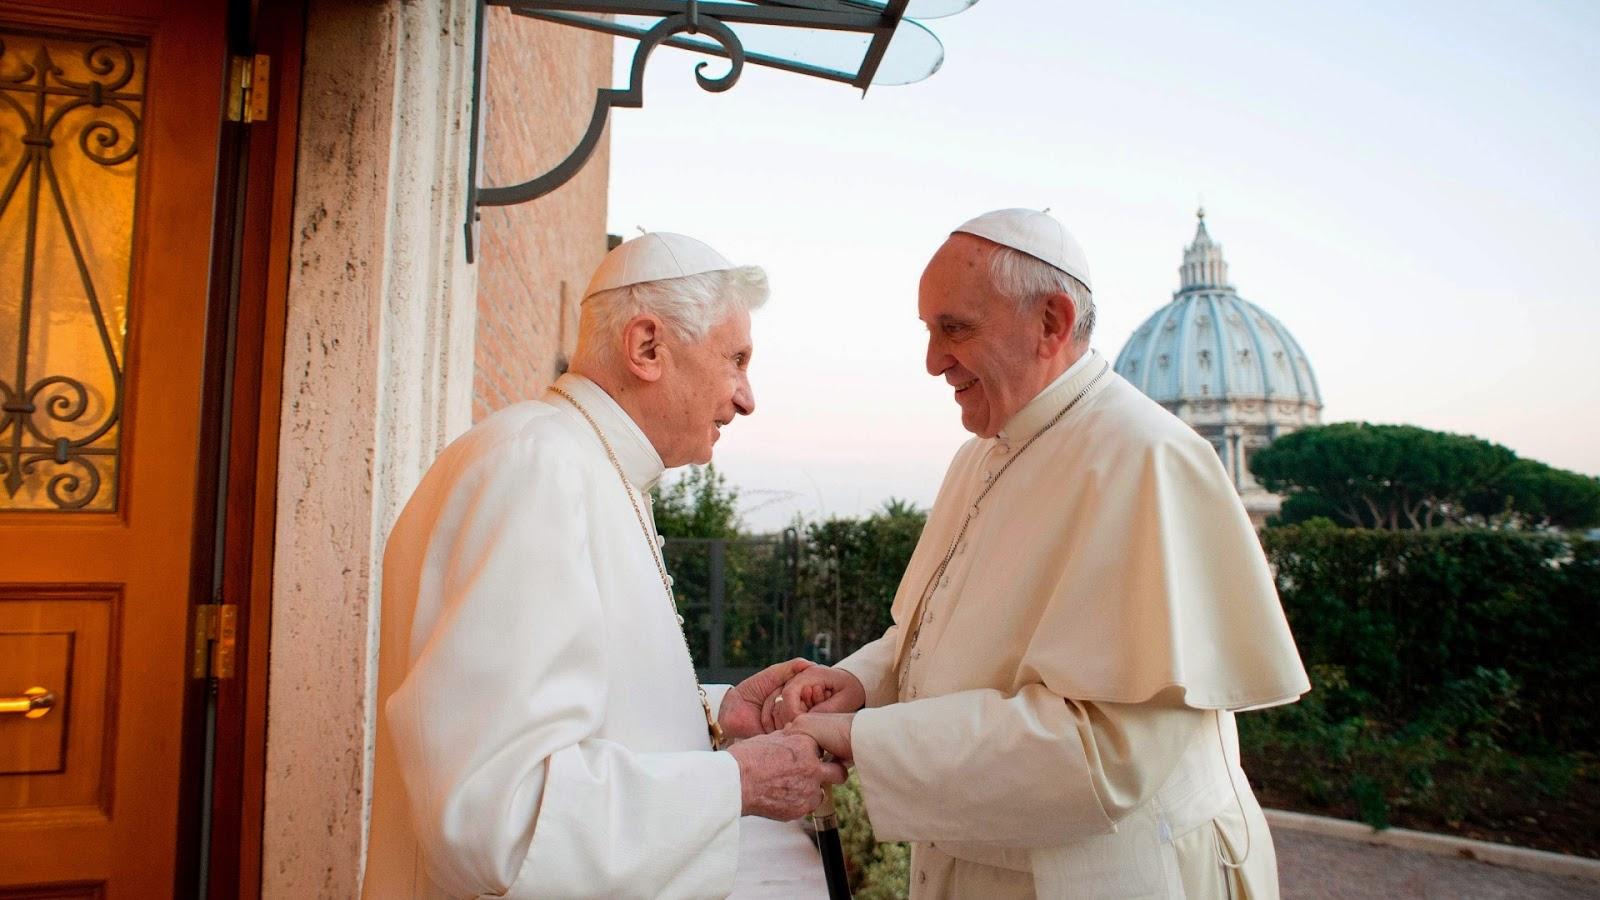 papa bento e francisco